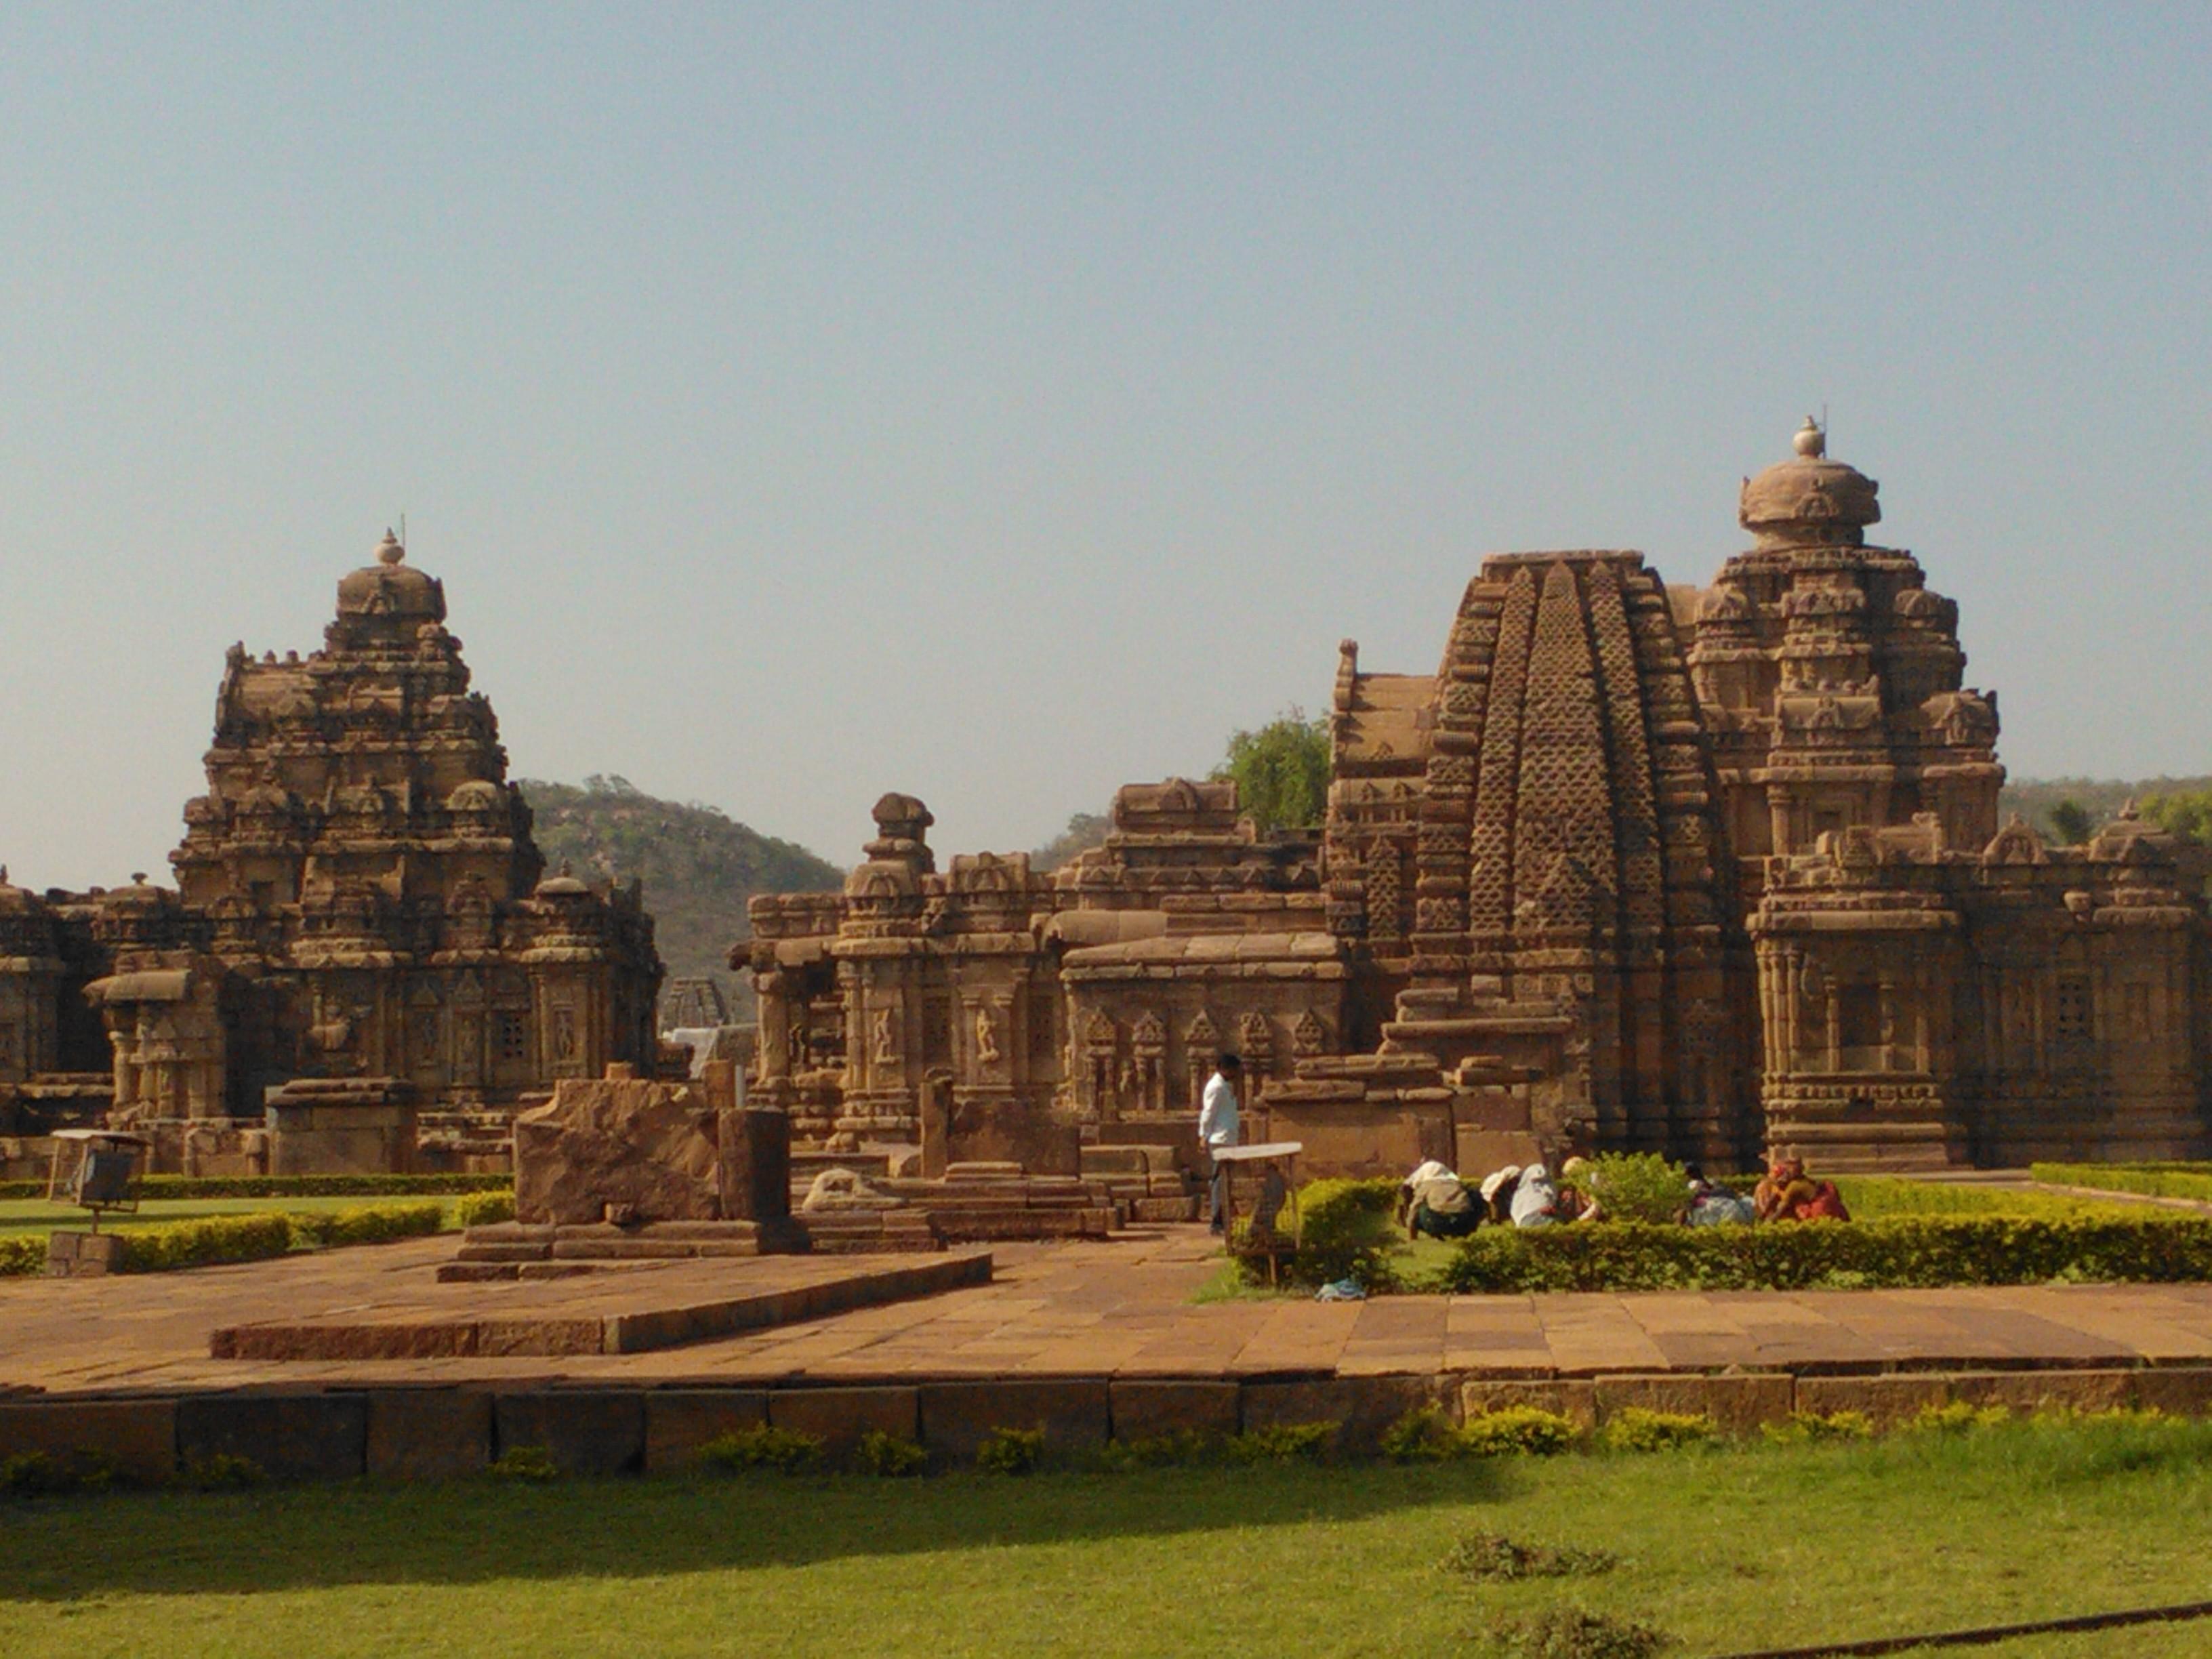 Pattadkal monuments